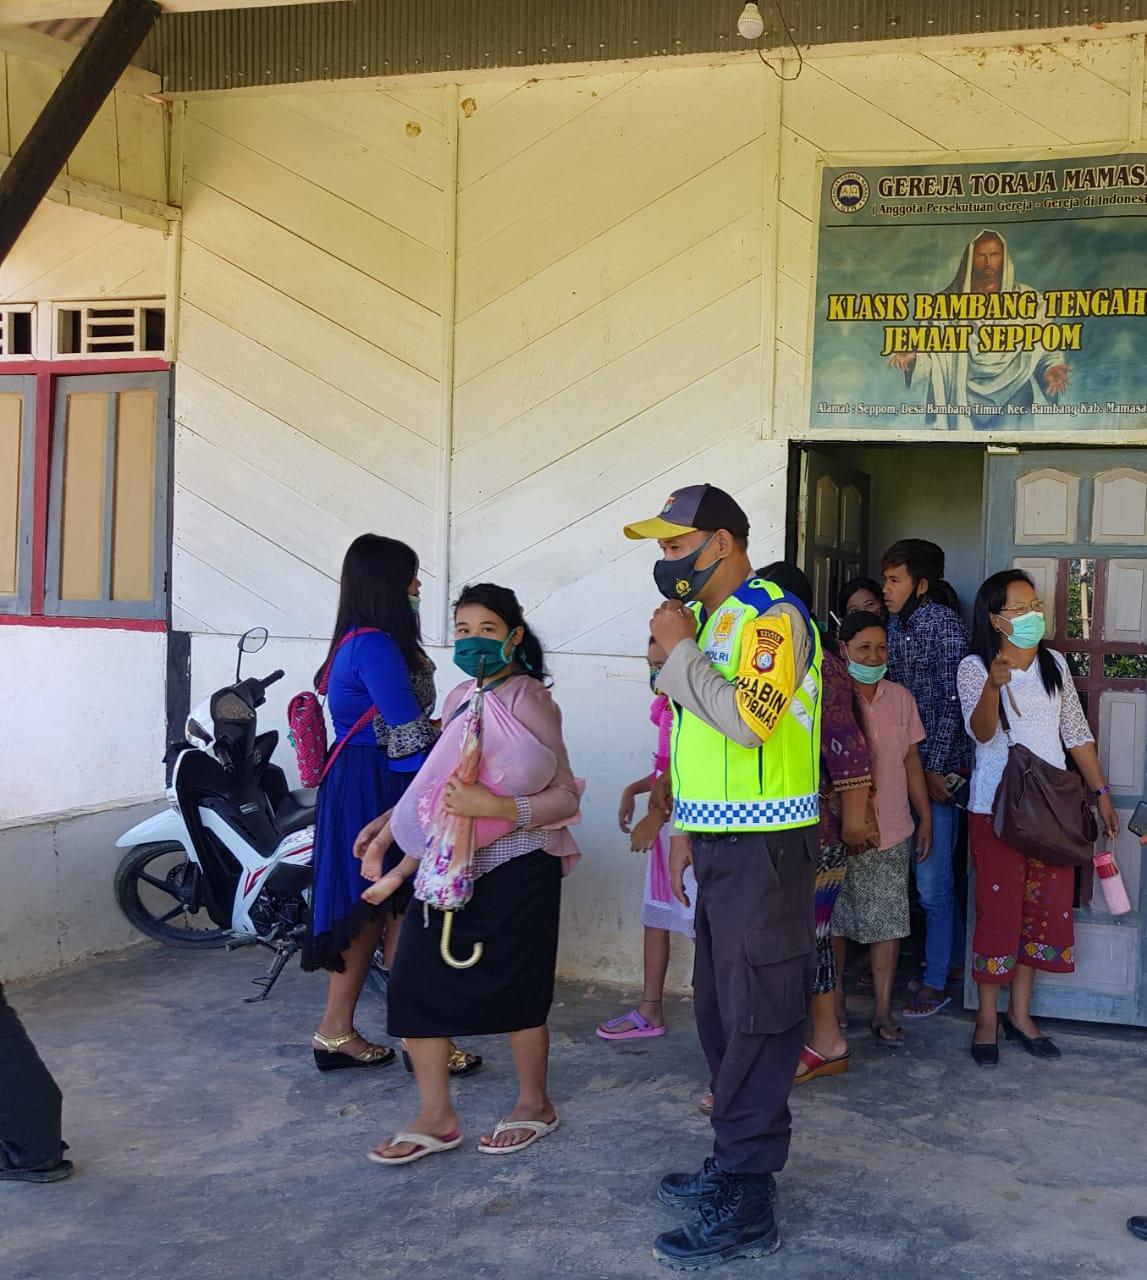 Polres Mamasa Amankan Puluhan Gereja Pasca Bom Bunuh Diri di Gereja Makassar